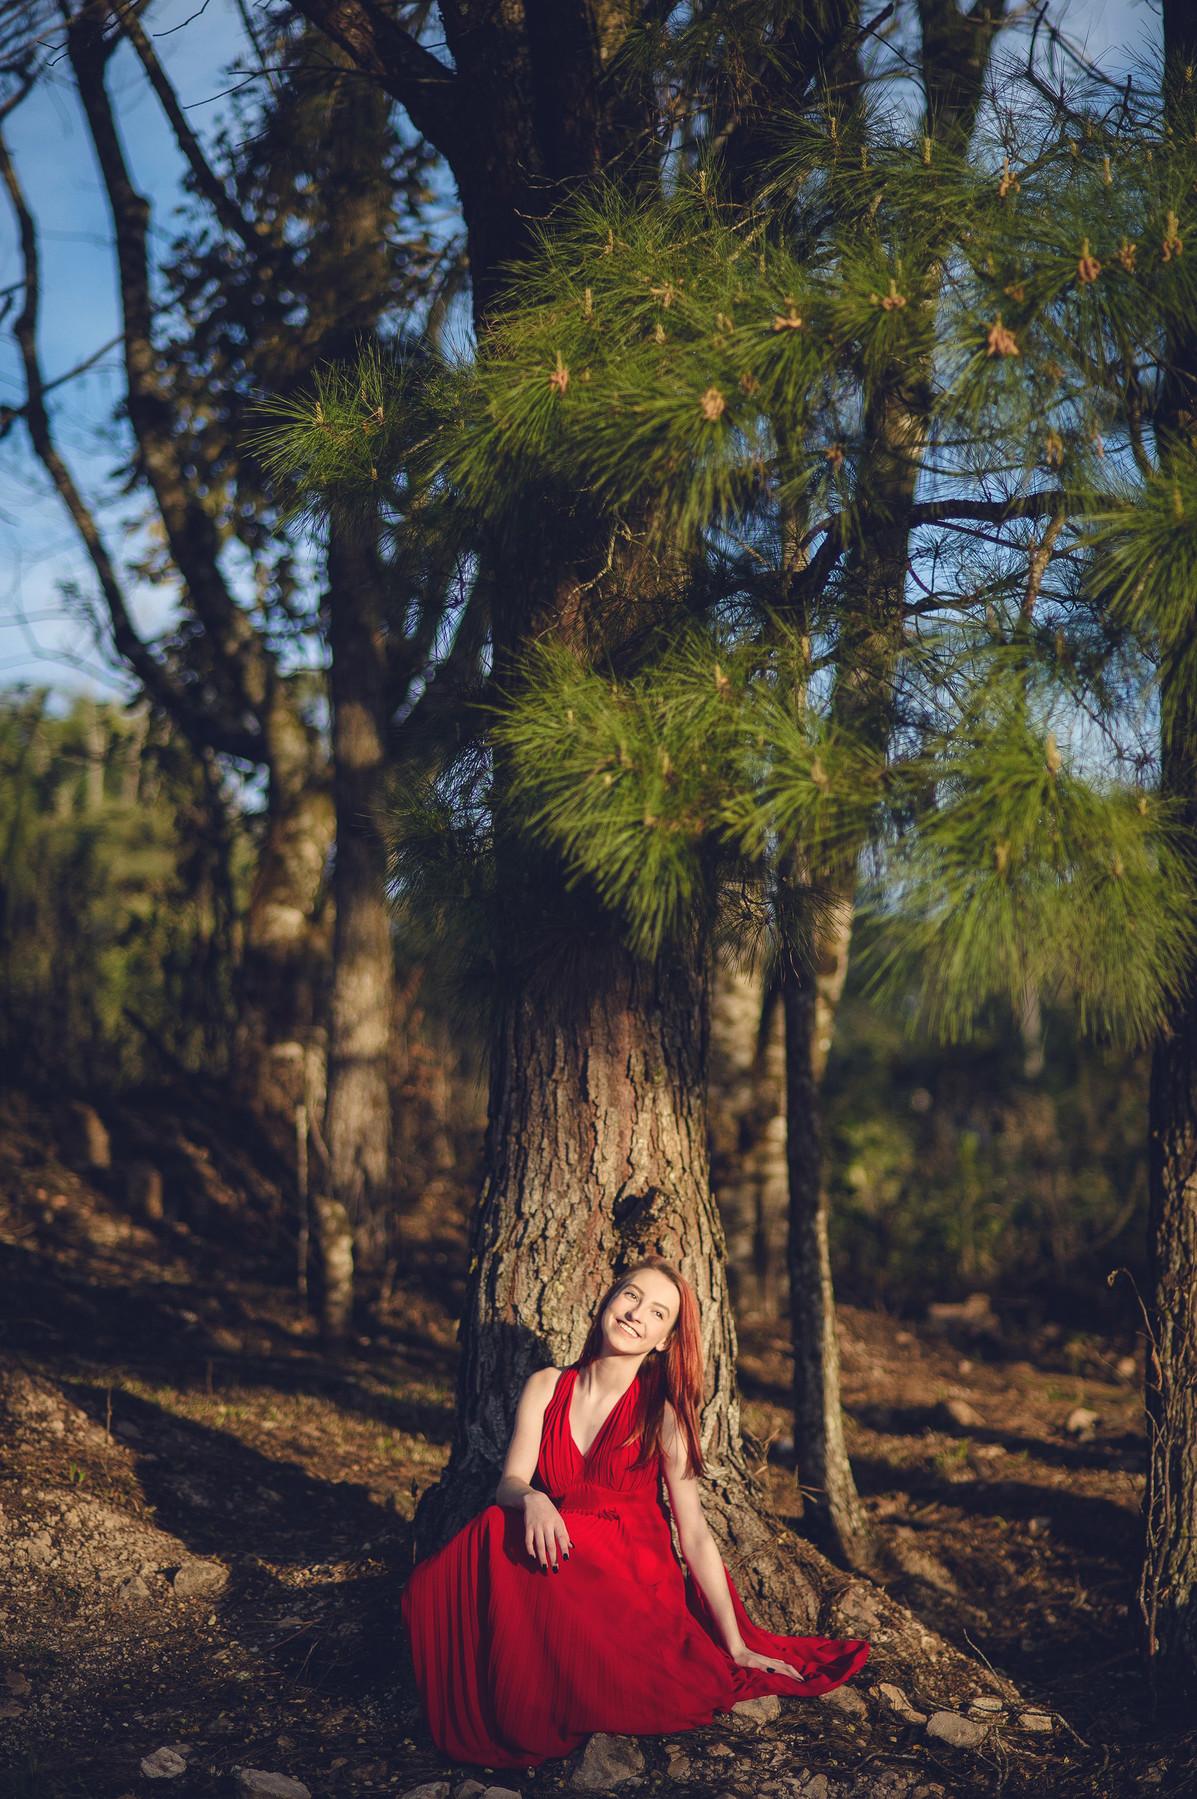 rafaela specht - 15 anos - ensaio individual - ensaio fotográfico - senior - são bento do sul - chroma fotografia